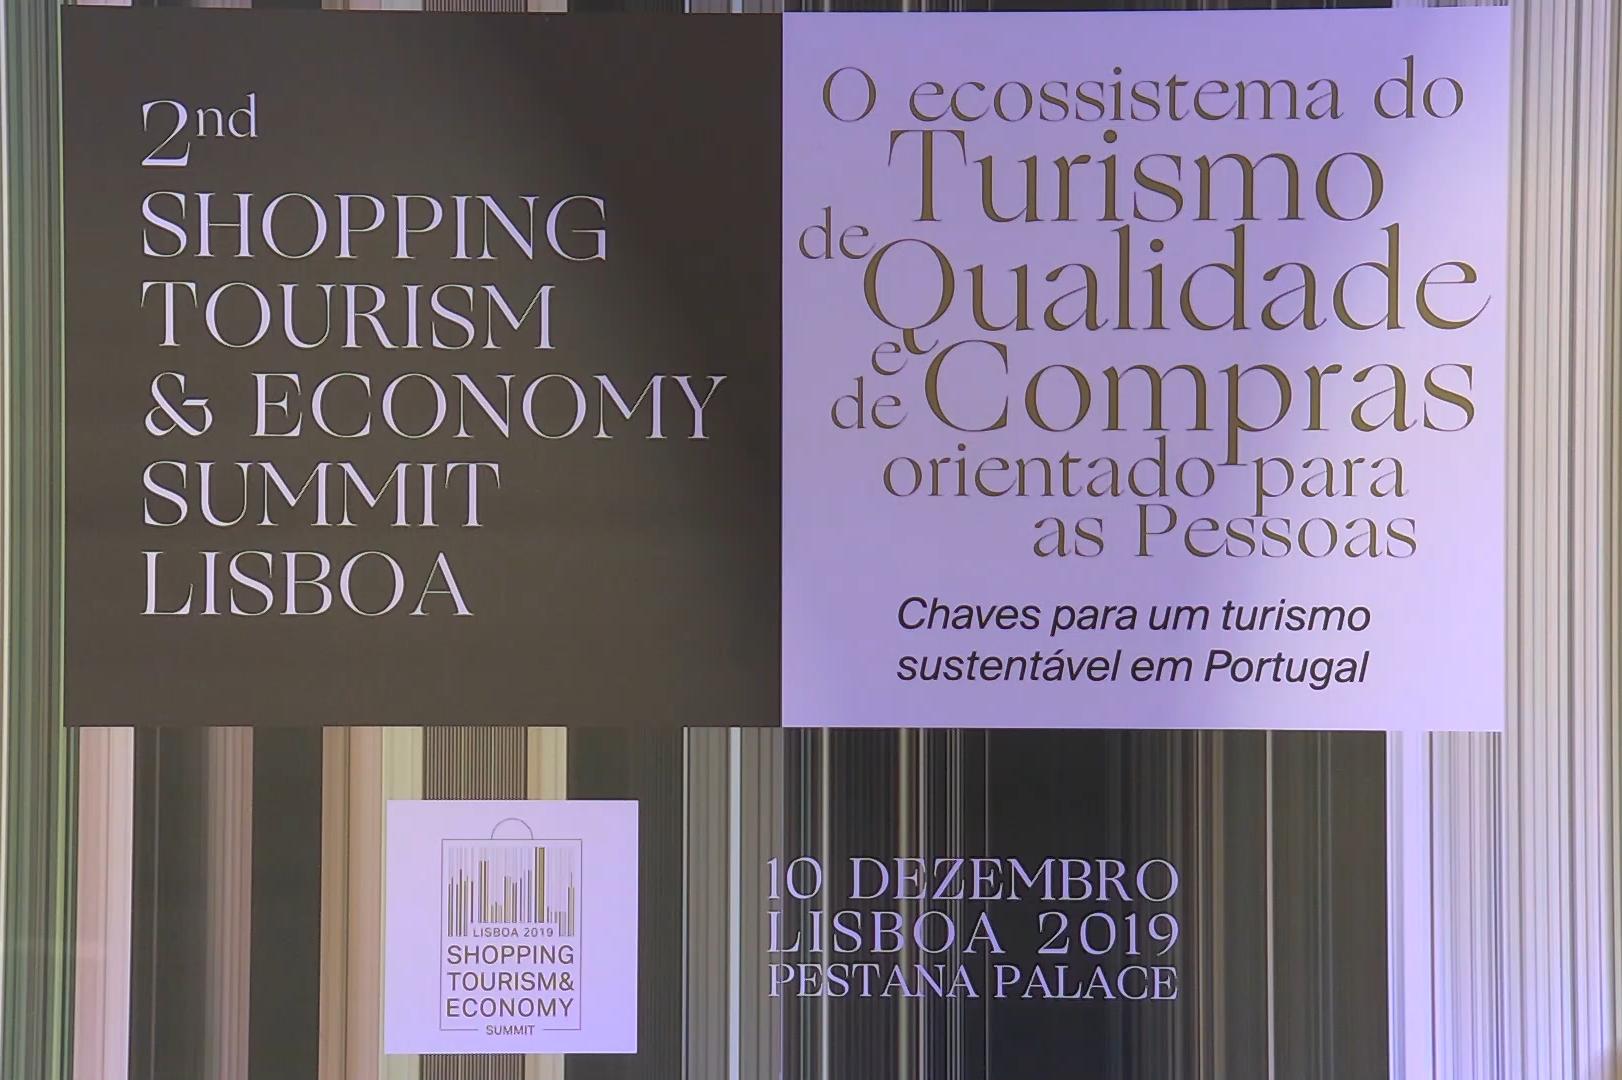 2nd Shopping Tourism Economy Summit Lisboa